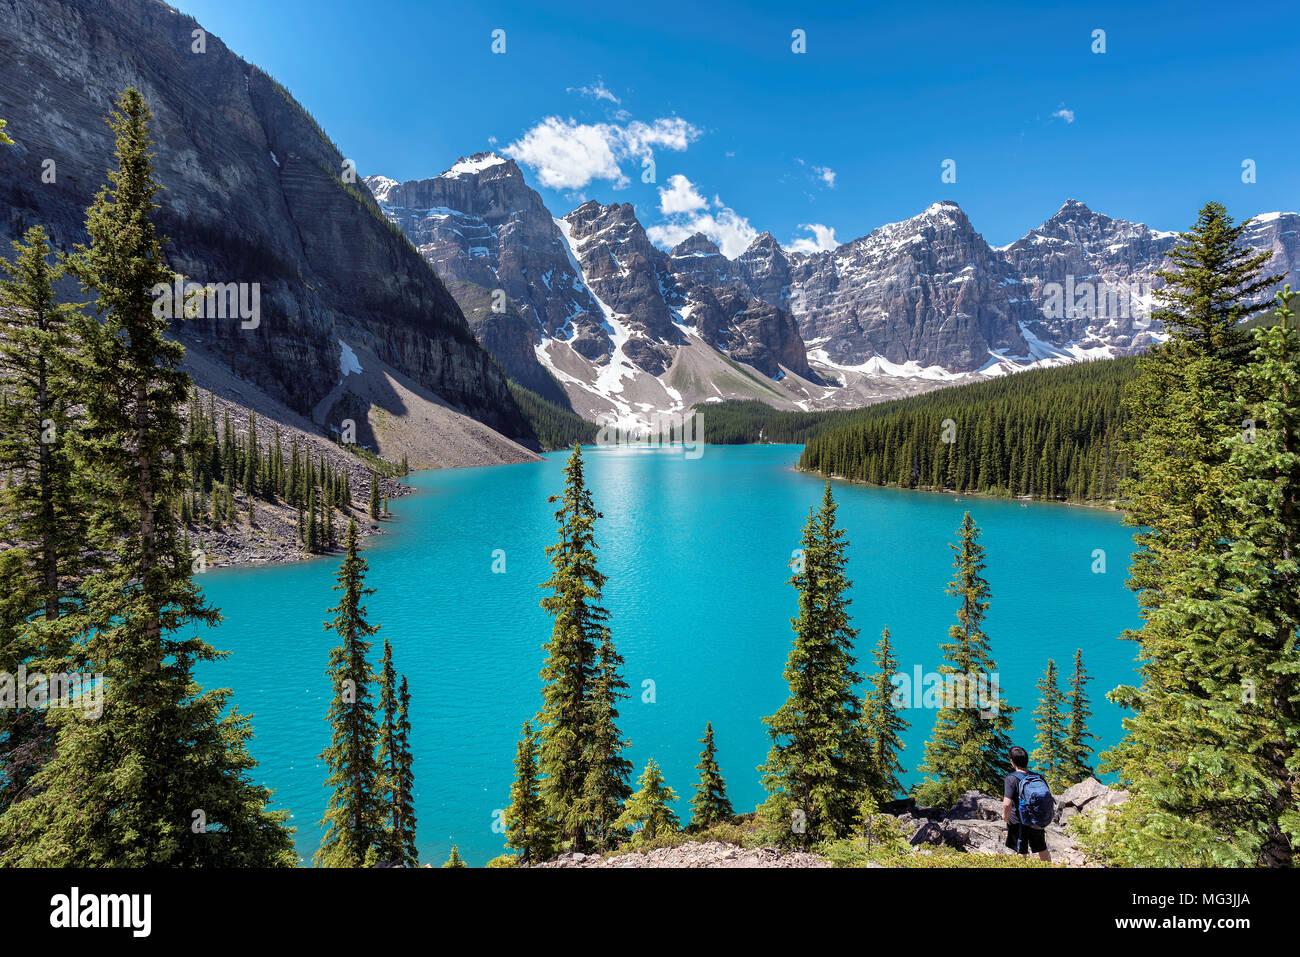 Moraine Lake in den kanadischen Rocky Mountains, Banff National Park, Kanada. Stockbild